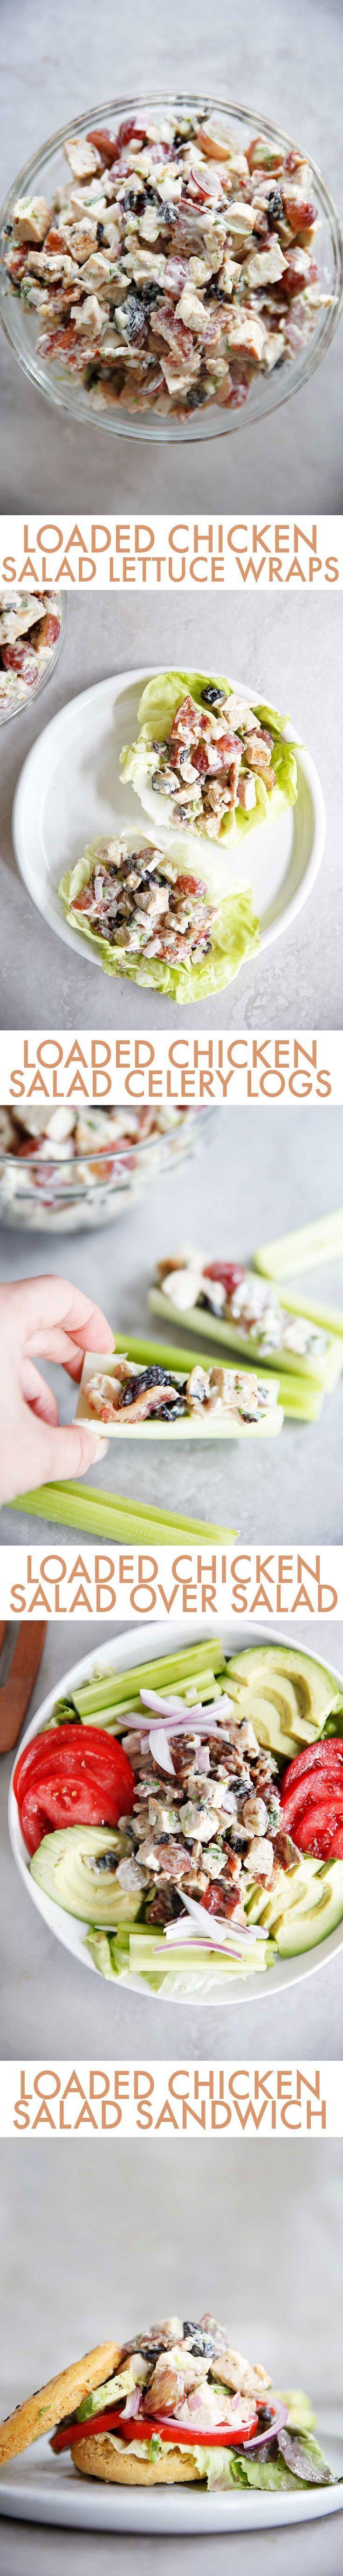 Loaded Chicken Salad Loaded Chicken Salad: Four Ways | Lexi\'s Clean ...